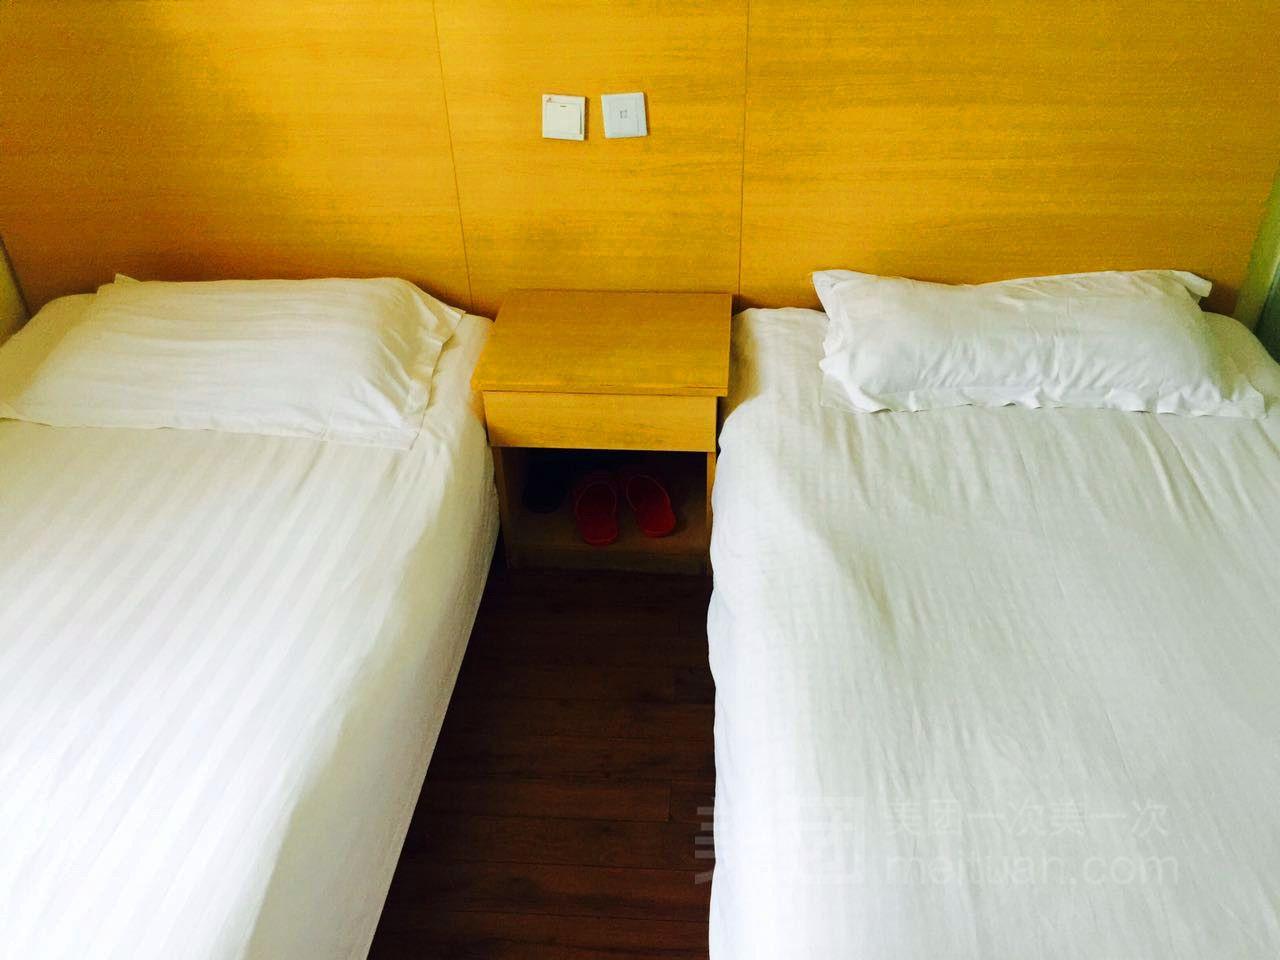 沐阳时尚连锁酒店(王府井店)预订/团购